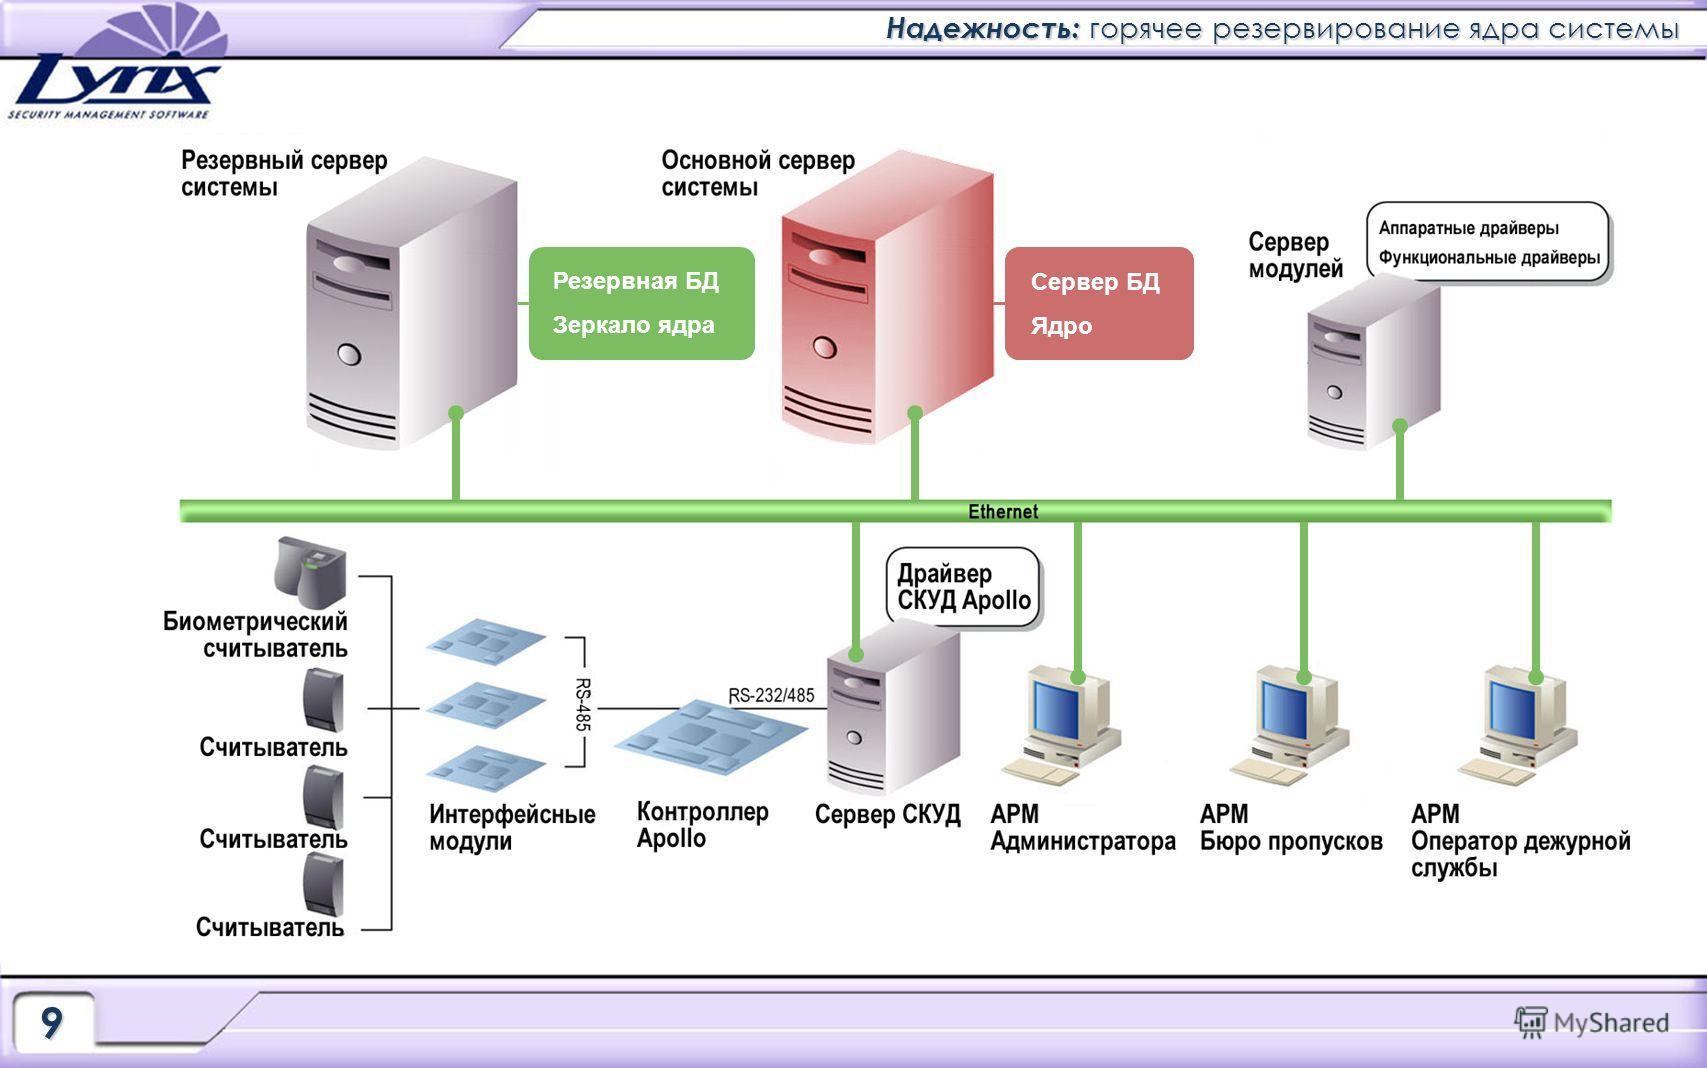 Надежность: горячее резервирование ядра системы 9 Резервная БД Зеркало ядра Сервер БД Ядро Сервер БД Ядро